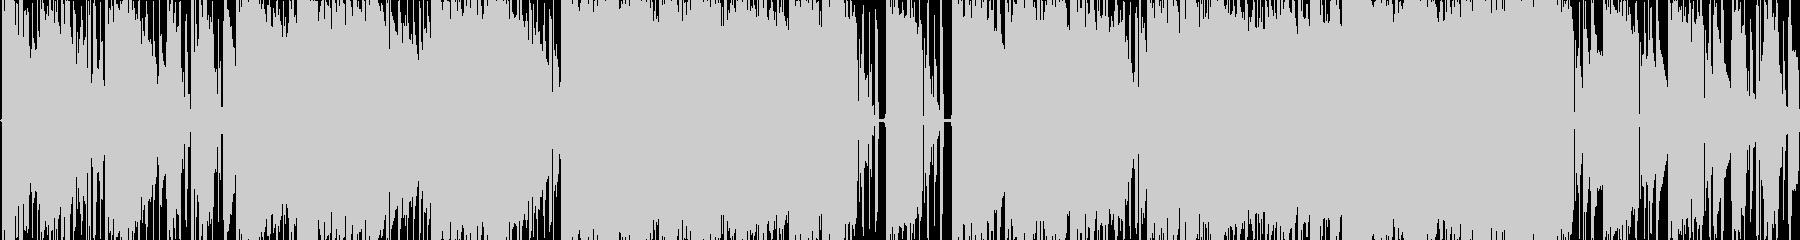 エレクトロニック 感情的 説明的 ...の未再生の波形